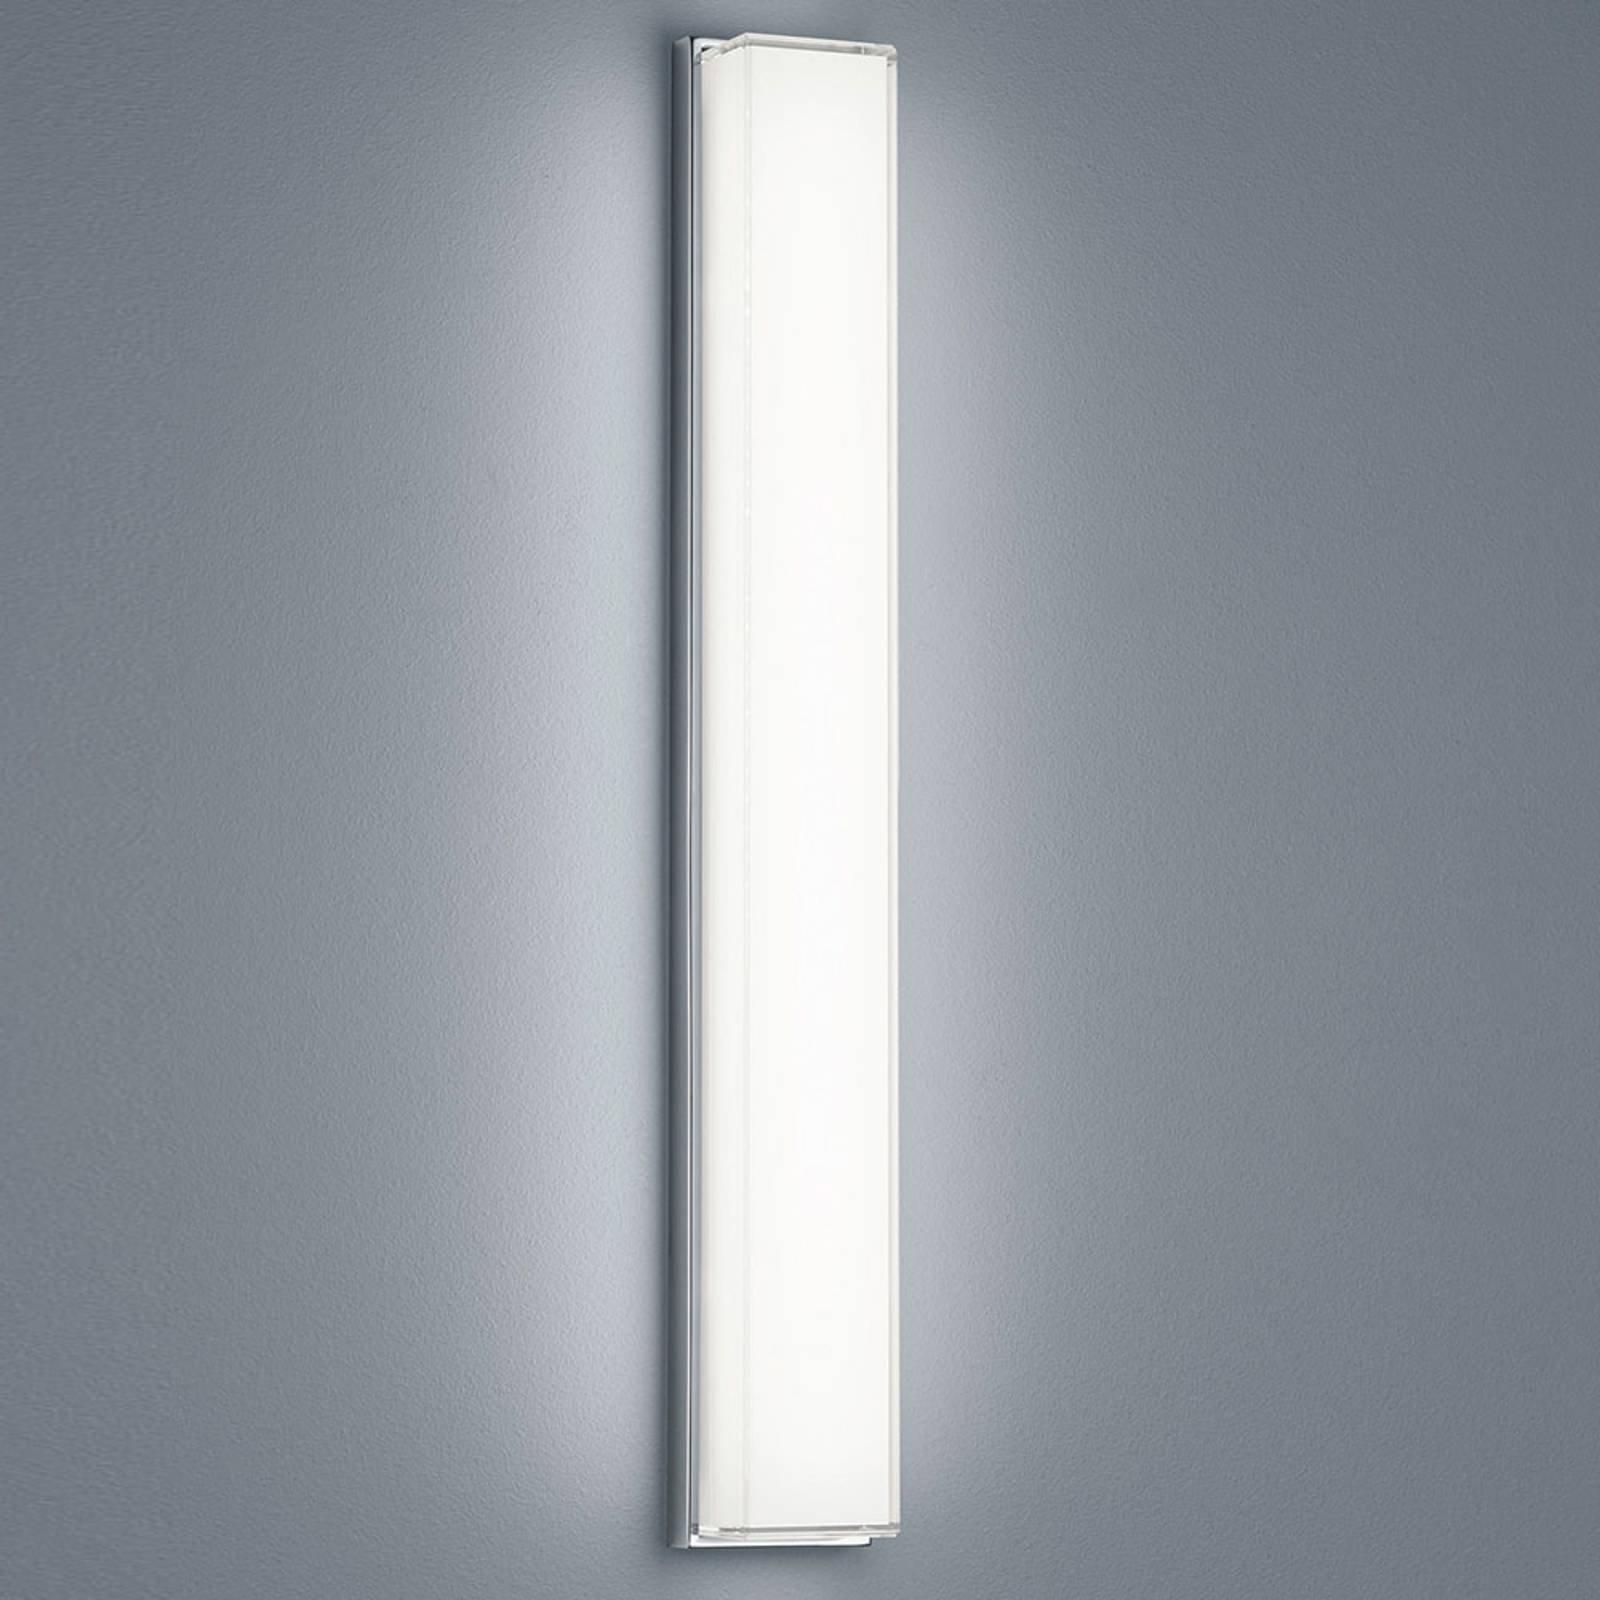 Helestra Cosi LED-vegglampe, krom, høyde 61 cm